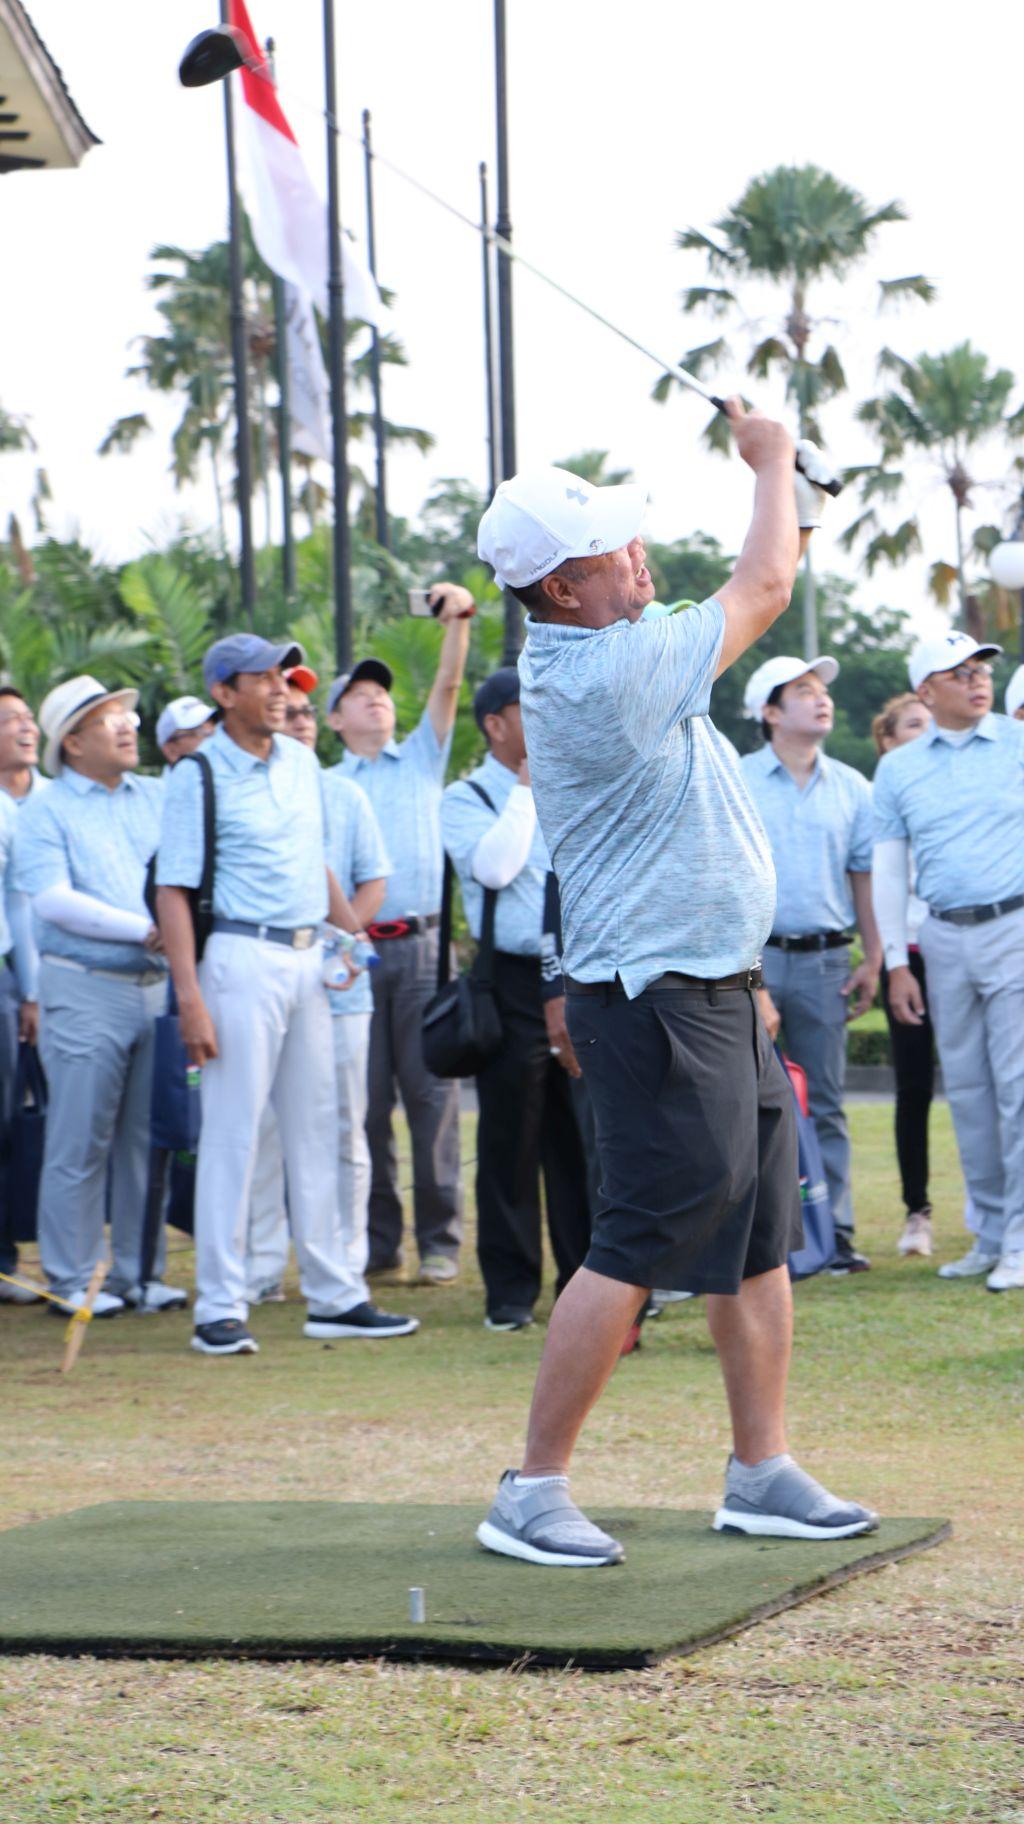 turnamen-golf-marein-akhirian-rangkaian-acara-hut-marein-ke-65